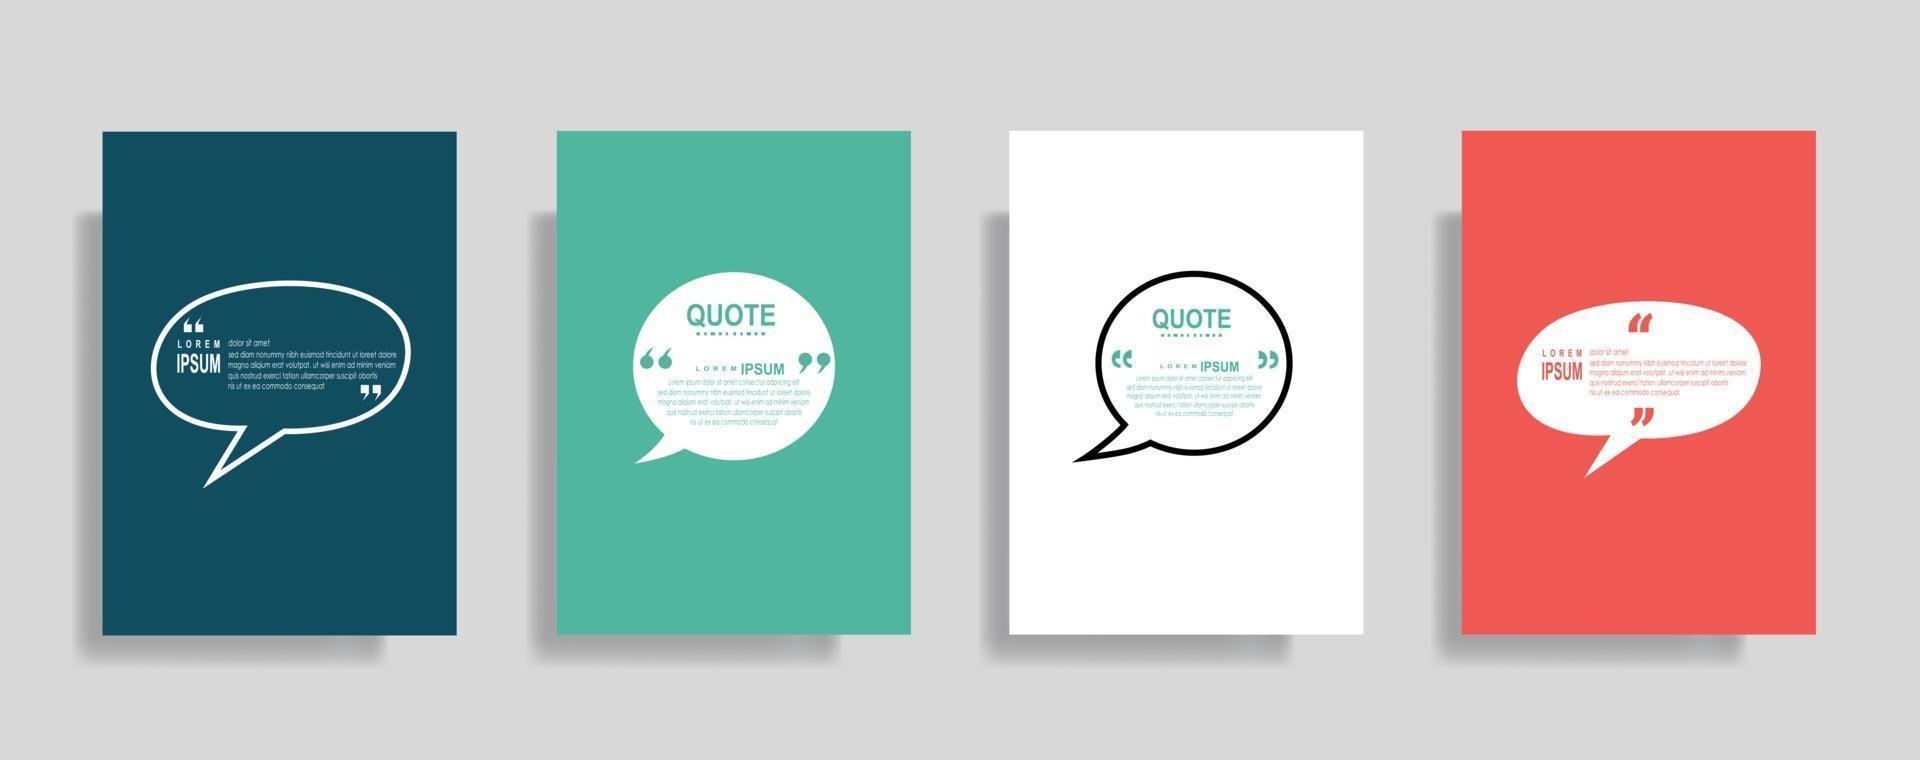 citazioni cornice modelli vuoti impostati, testo tra parentesi, citazioni fumetti vuoti. testo bos isolato su sfondo colorato. vettore